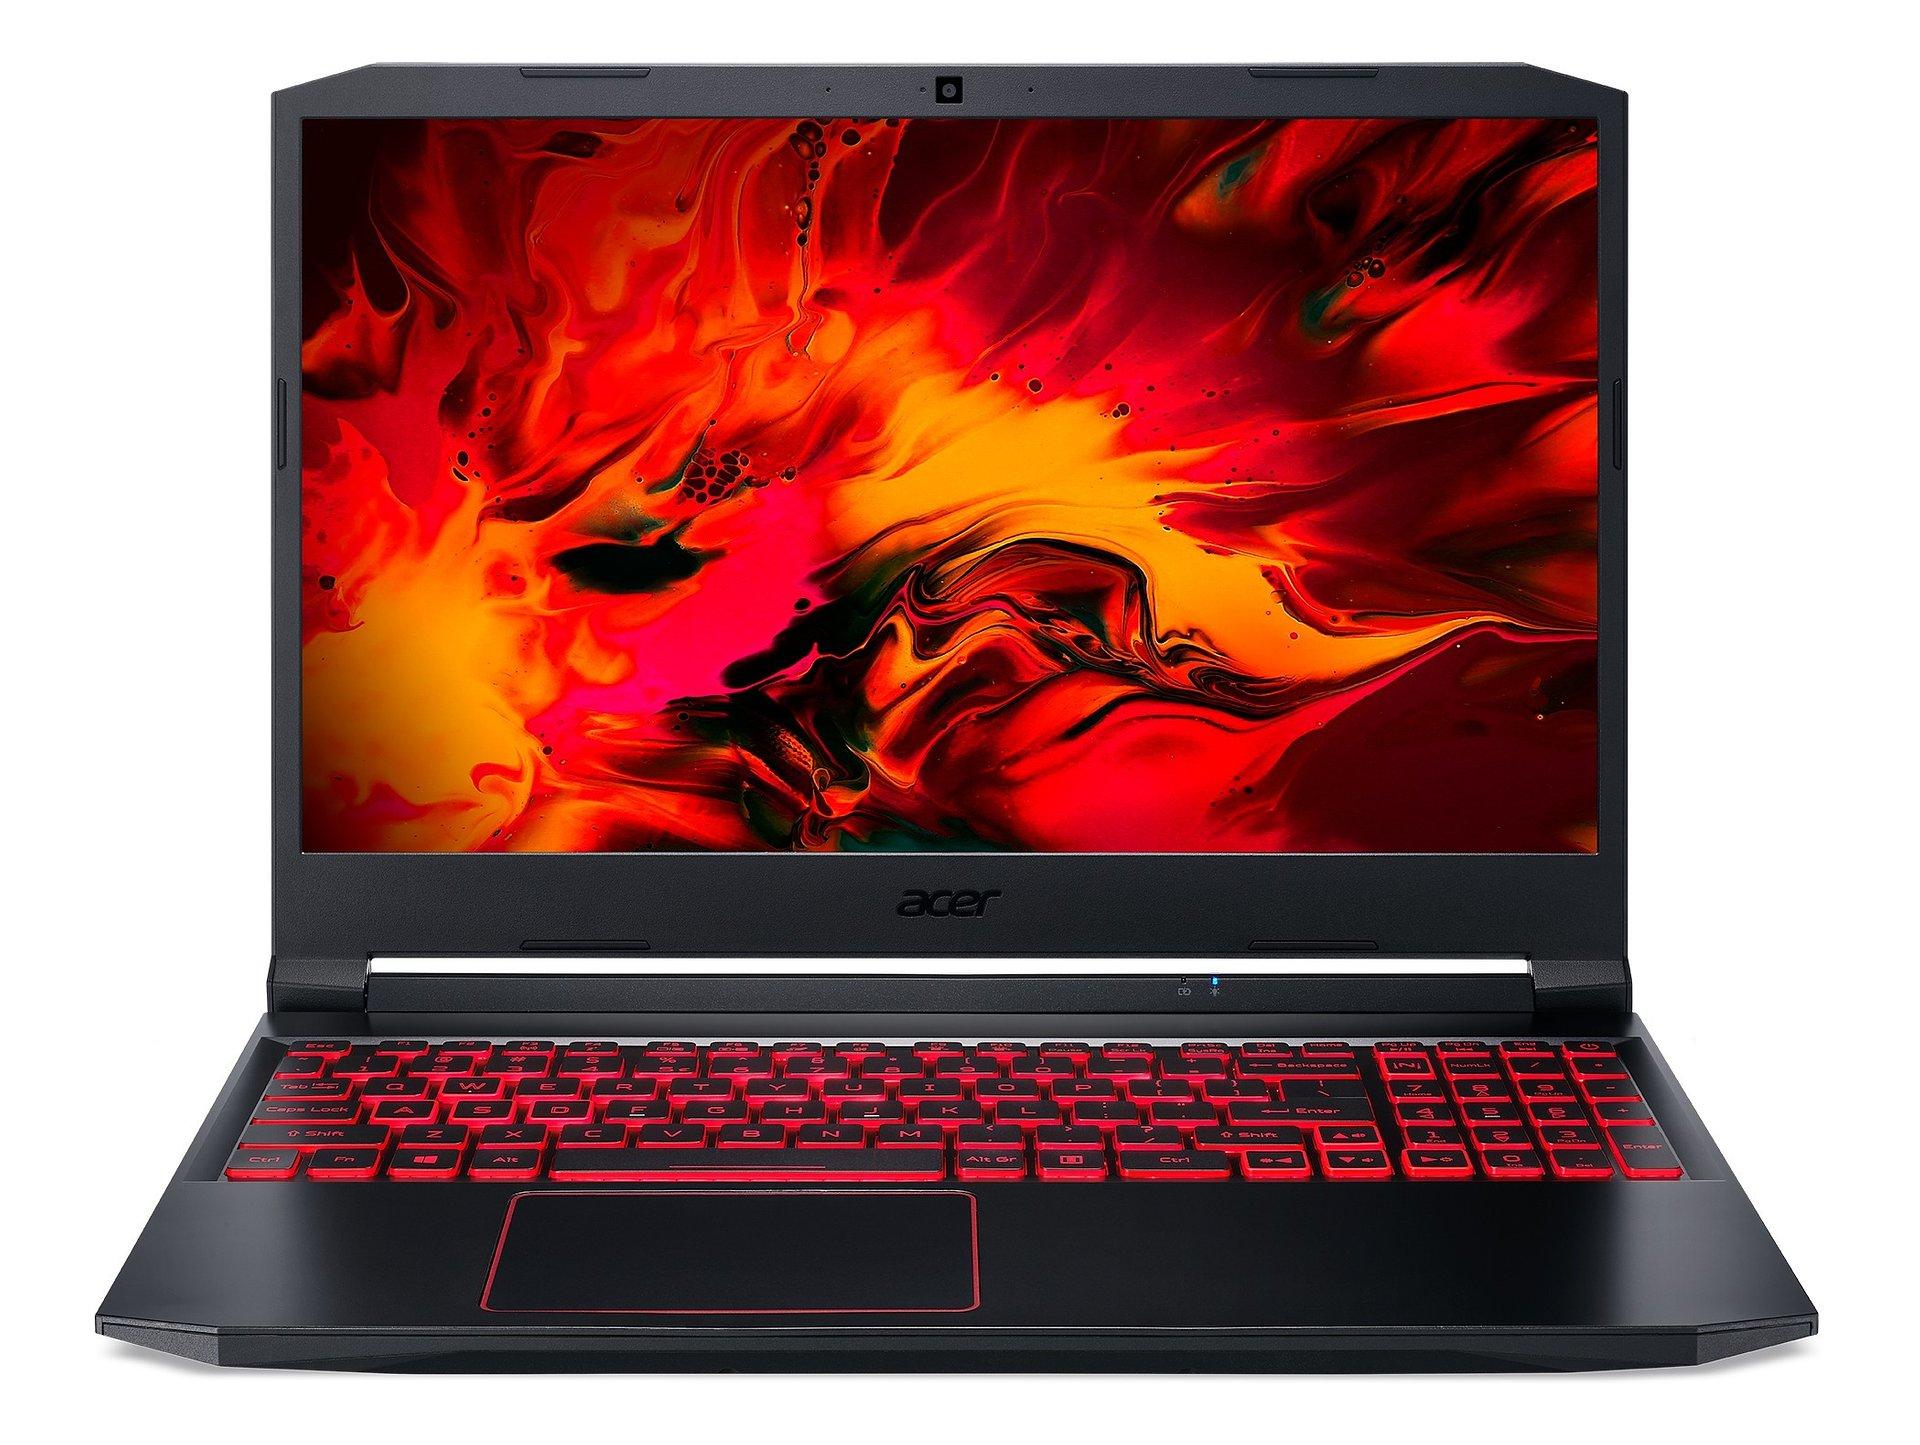 Nowości Acer: notebooki Nitro i Aspire z procesorami AMD Ryzen 5000 Mobile nowej generacji oraz komputery z serii Nitro z nową kartą graficzną NVIDIA GeForce RTX 30